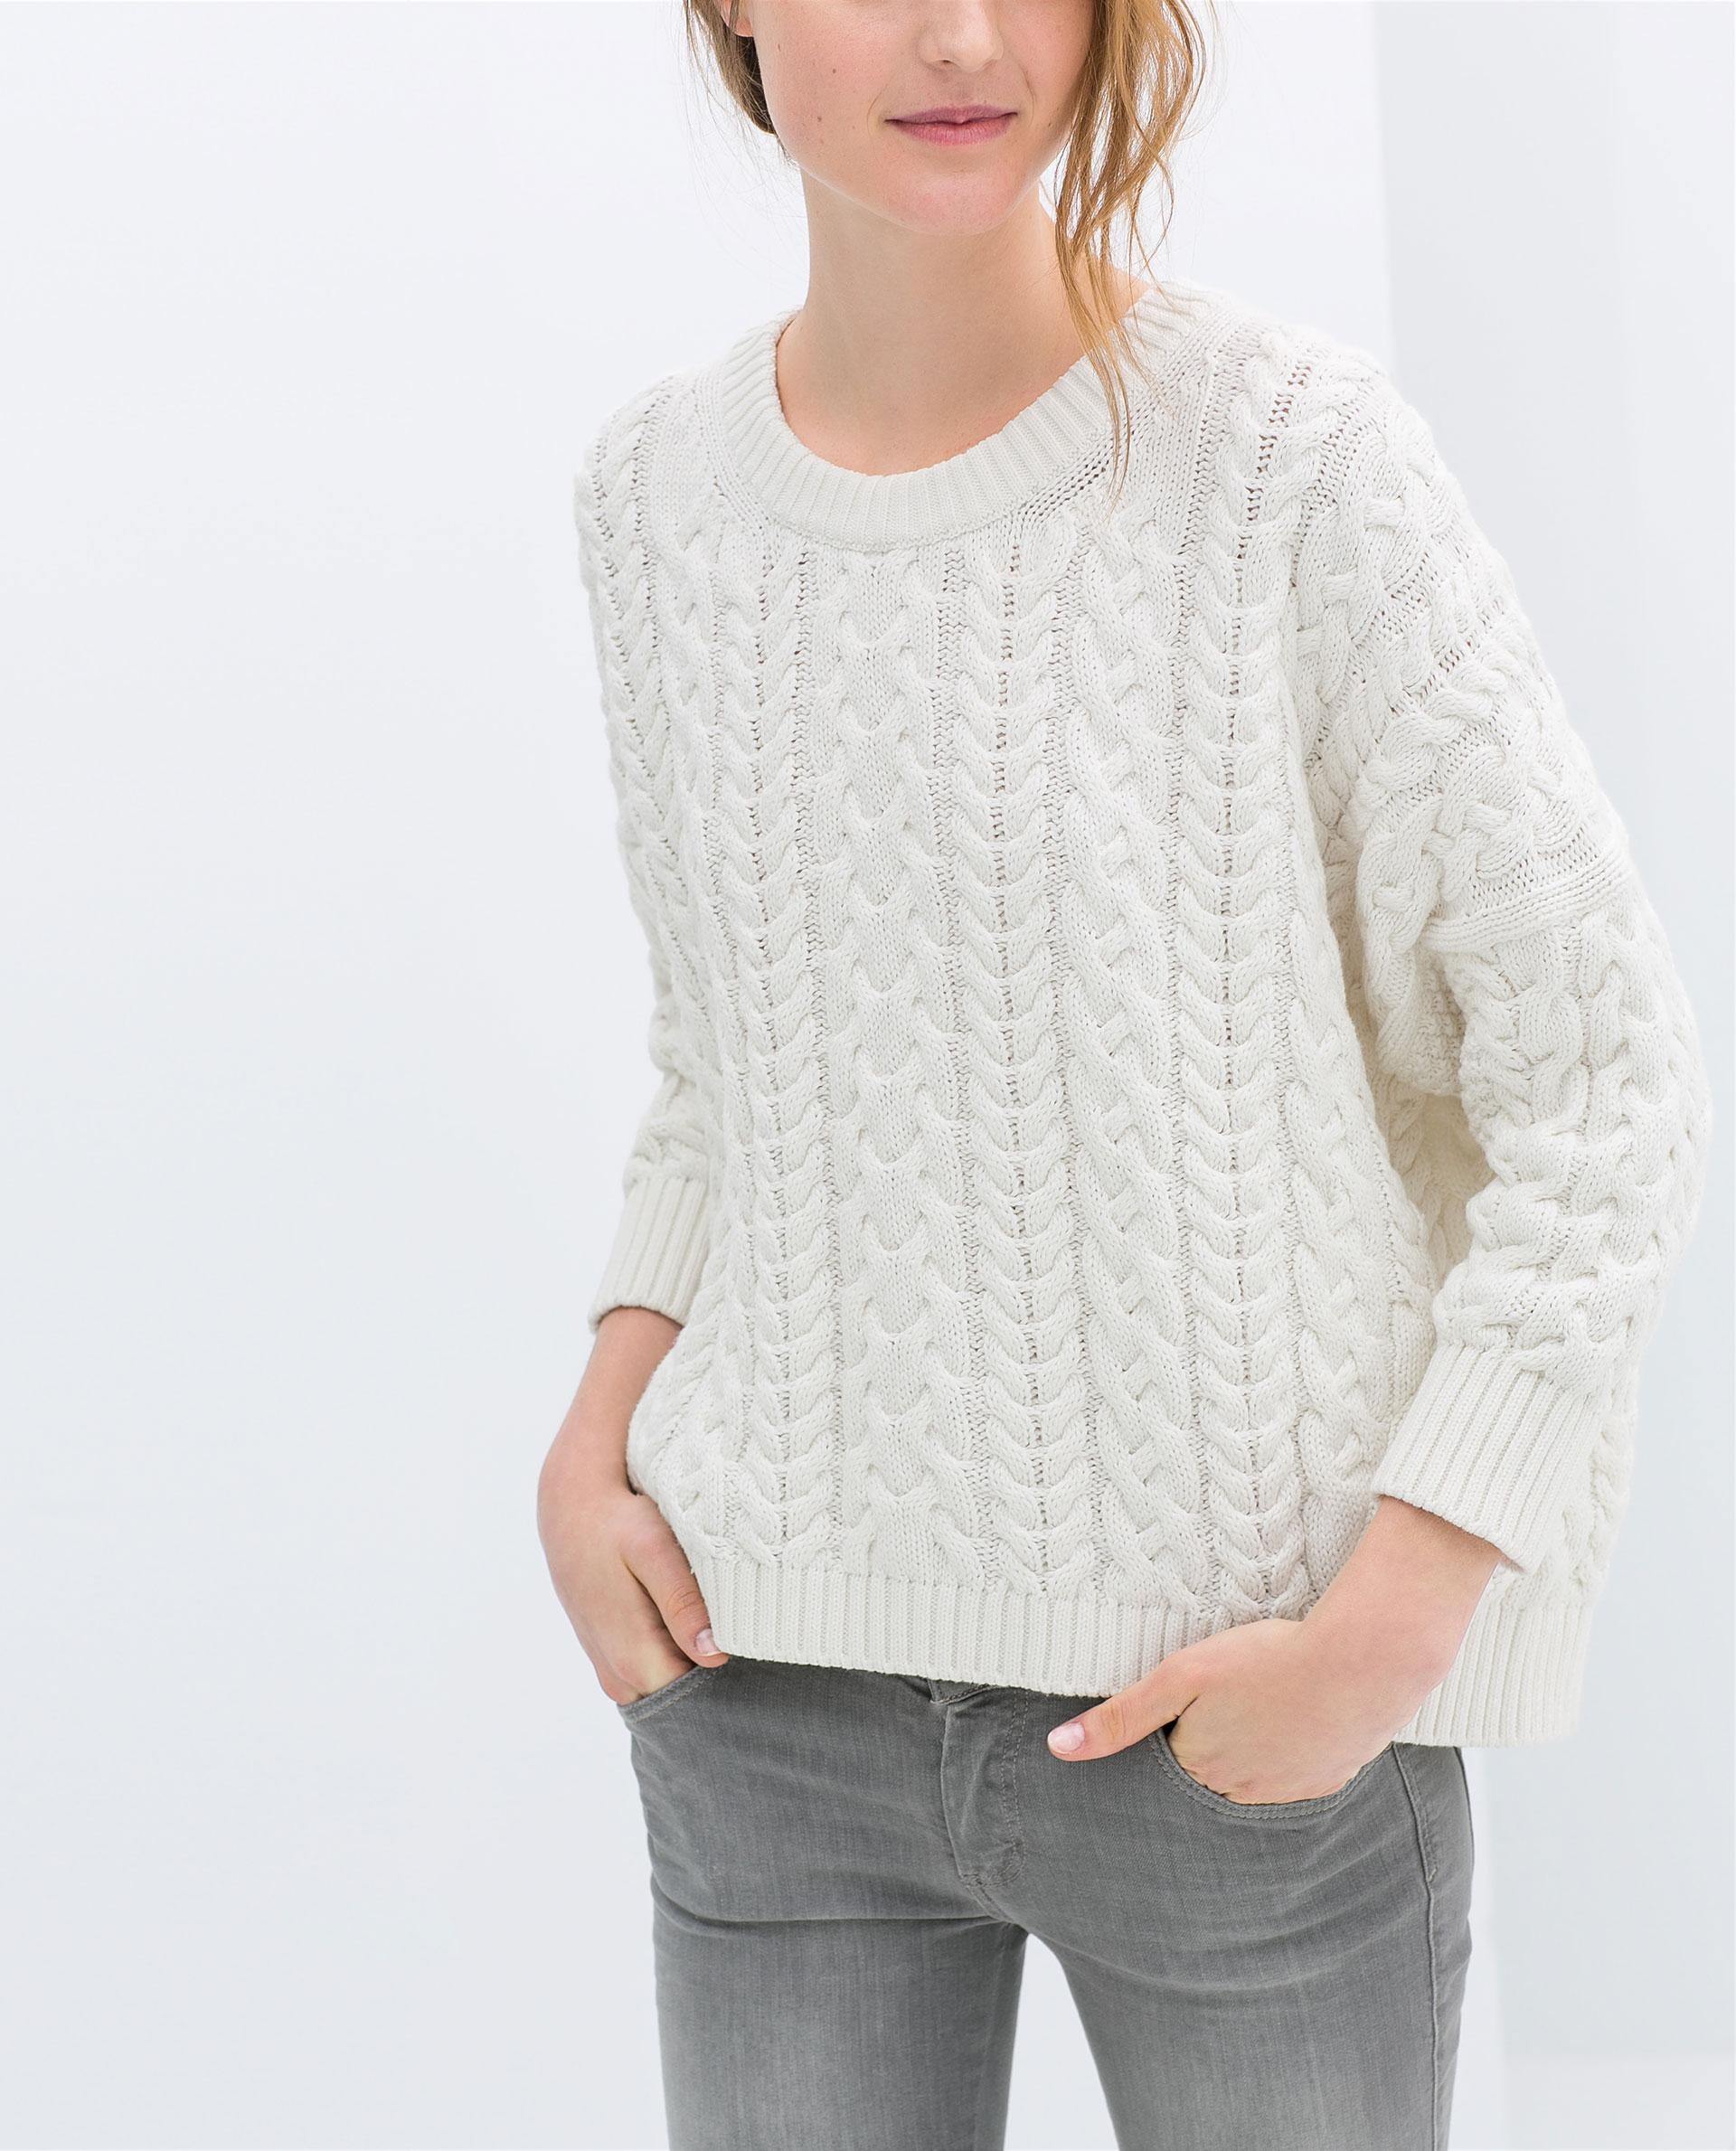 Zara Square Cut Sweater 109